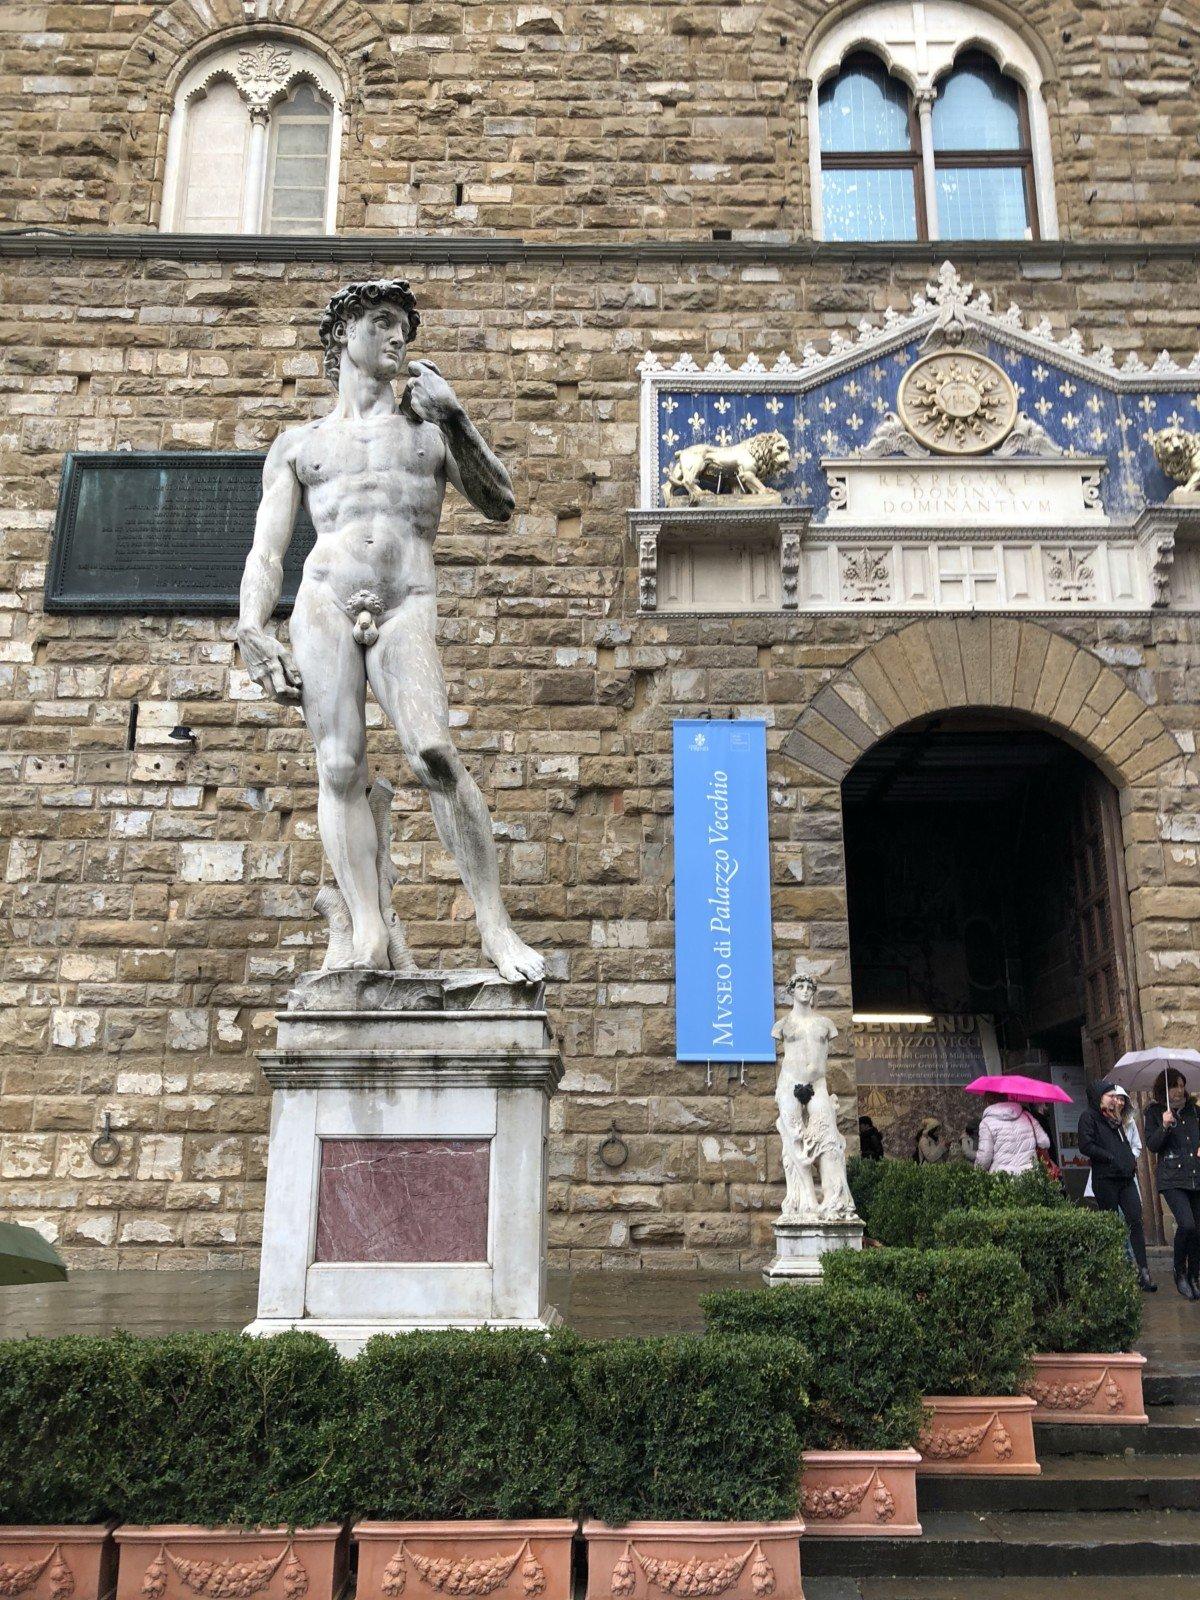 Piazza della Signoria with its copy of Michelangelo's David statue